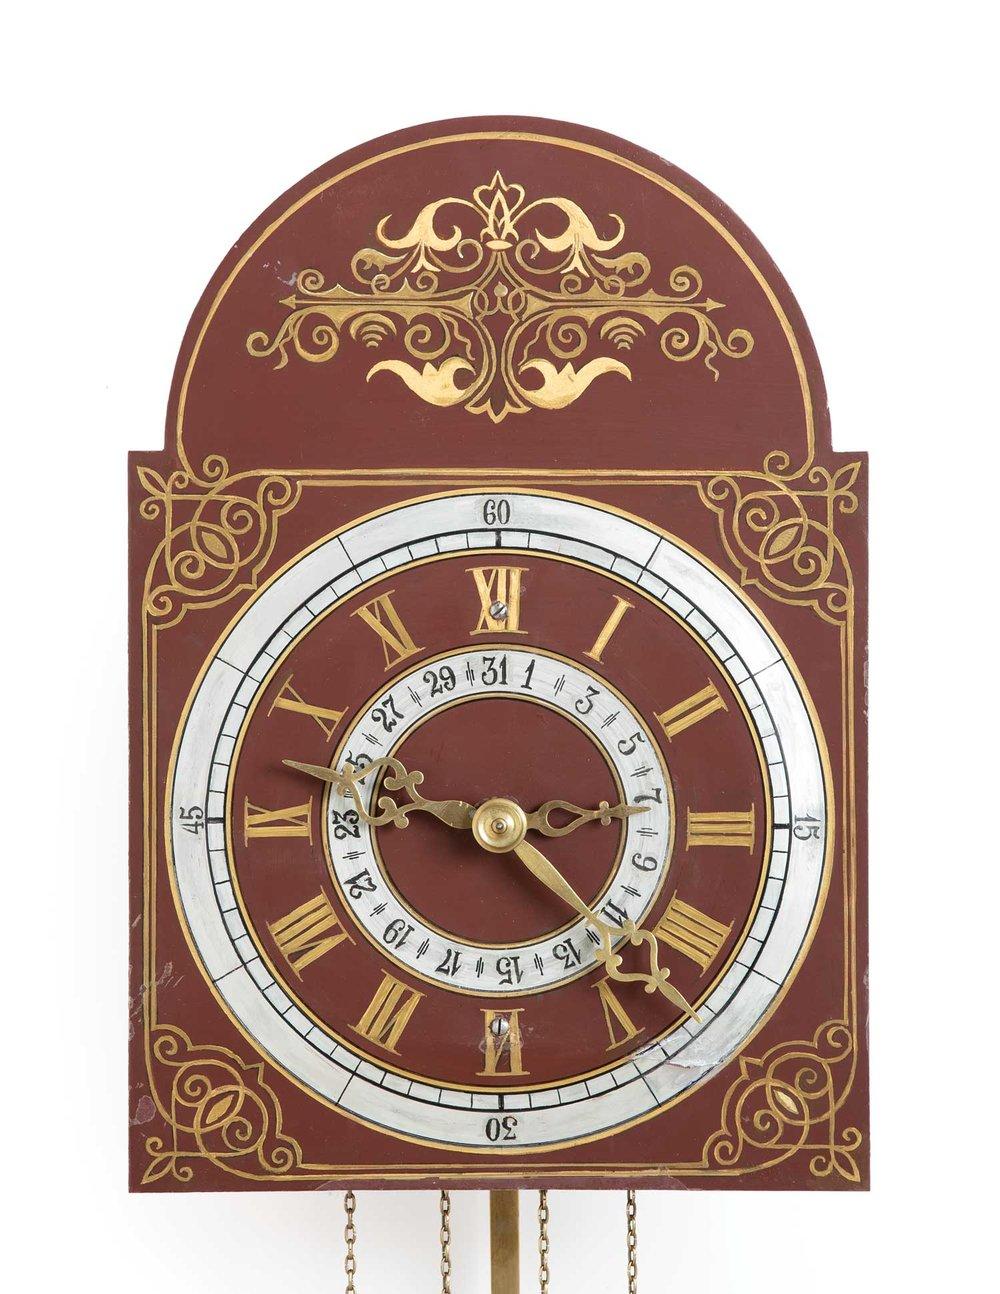 Kroeger Clock no. 1689, 1893 (MC0002)